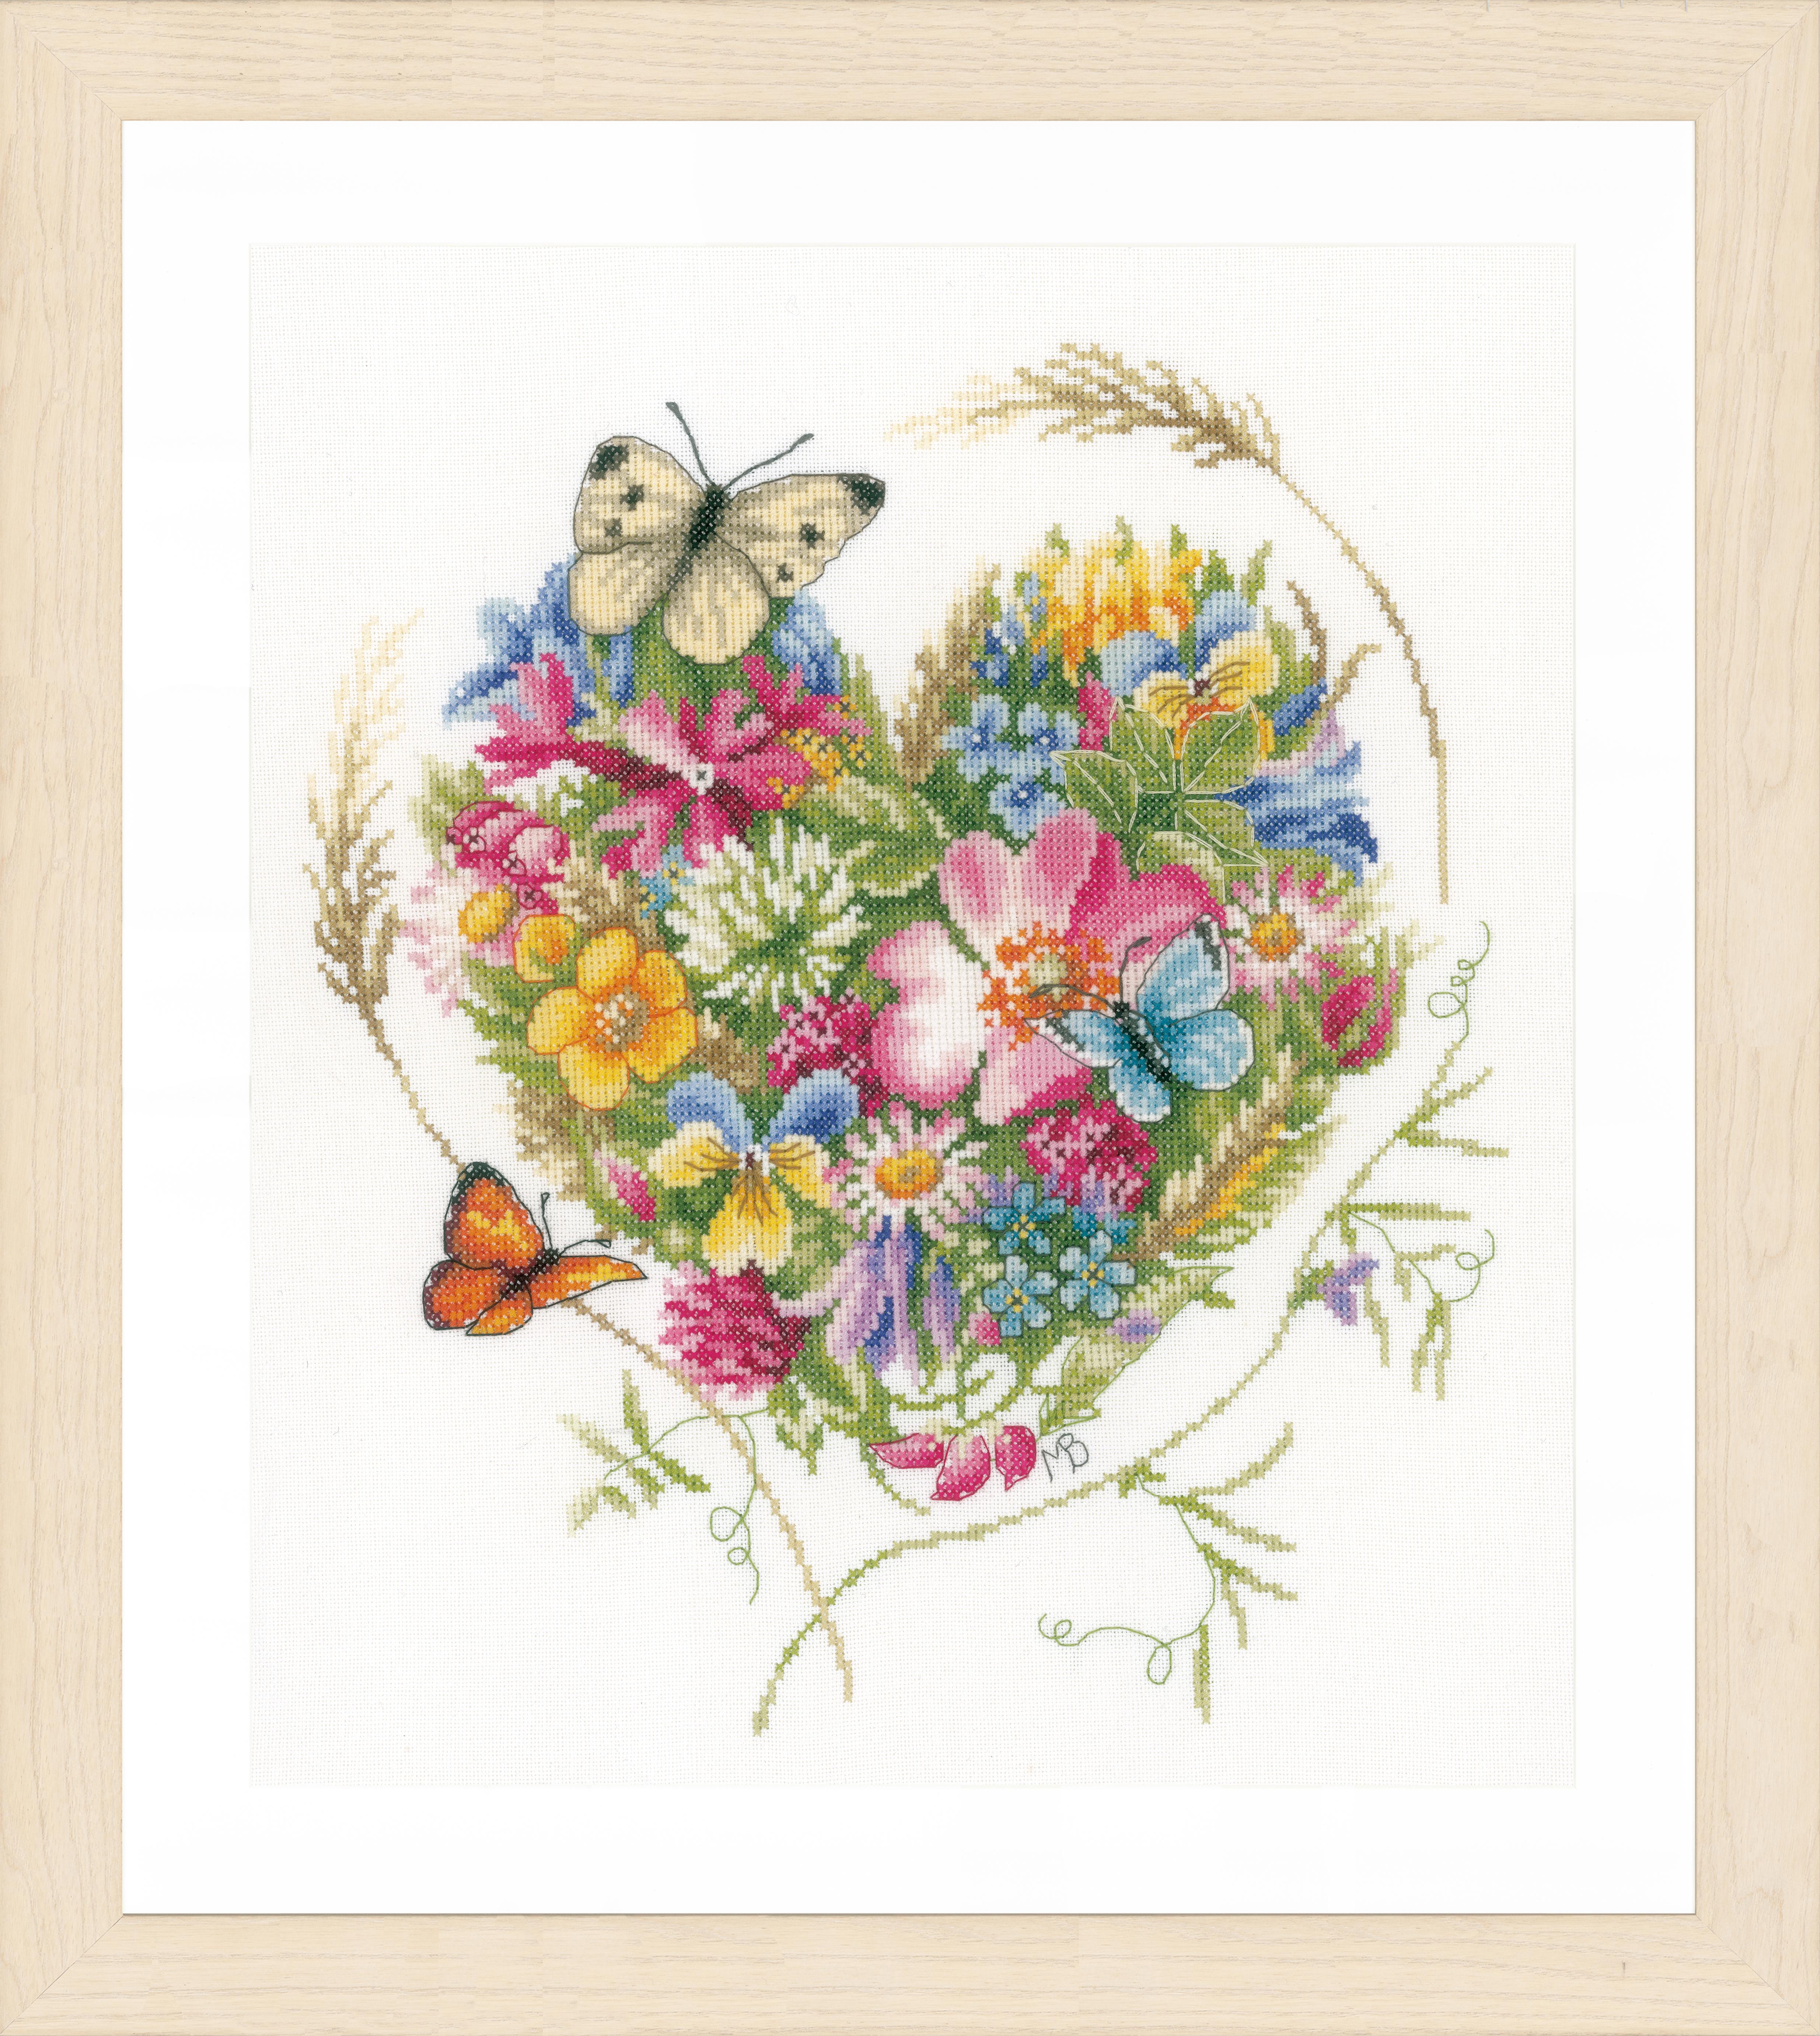 1x Compté Cross Thread Stitch Kit Cœur De Fleurs Evenweave Sewing Craft Art-afficher Le Titre D'origine Soulager La Chaleur Et La Soif.